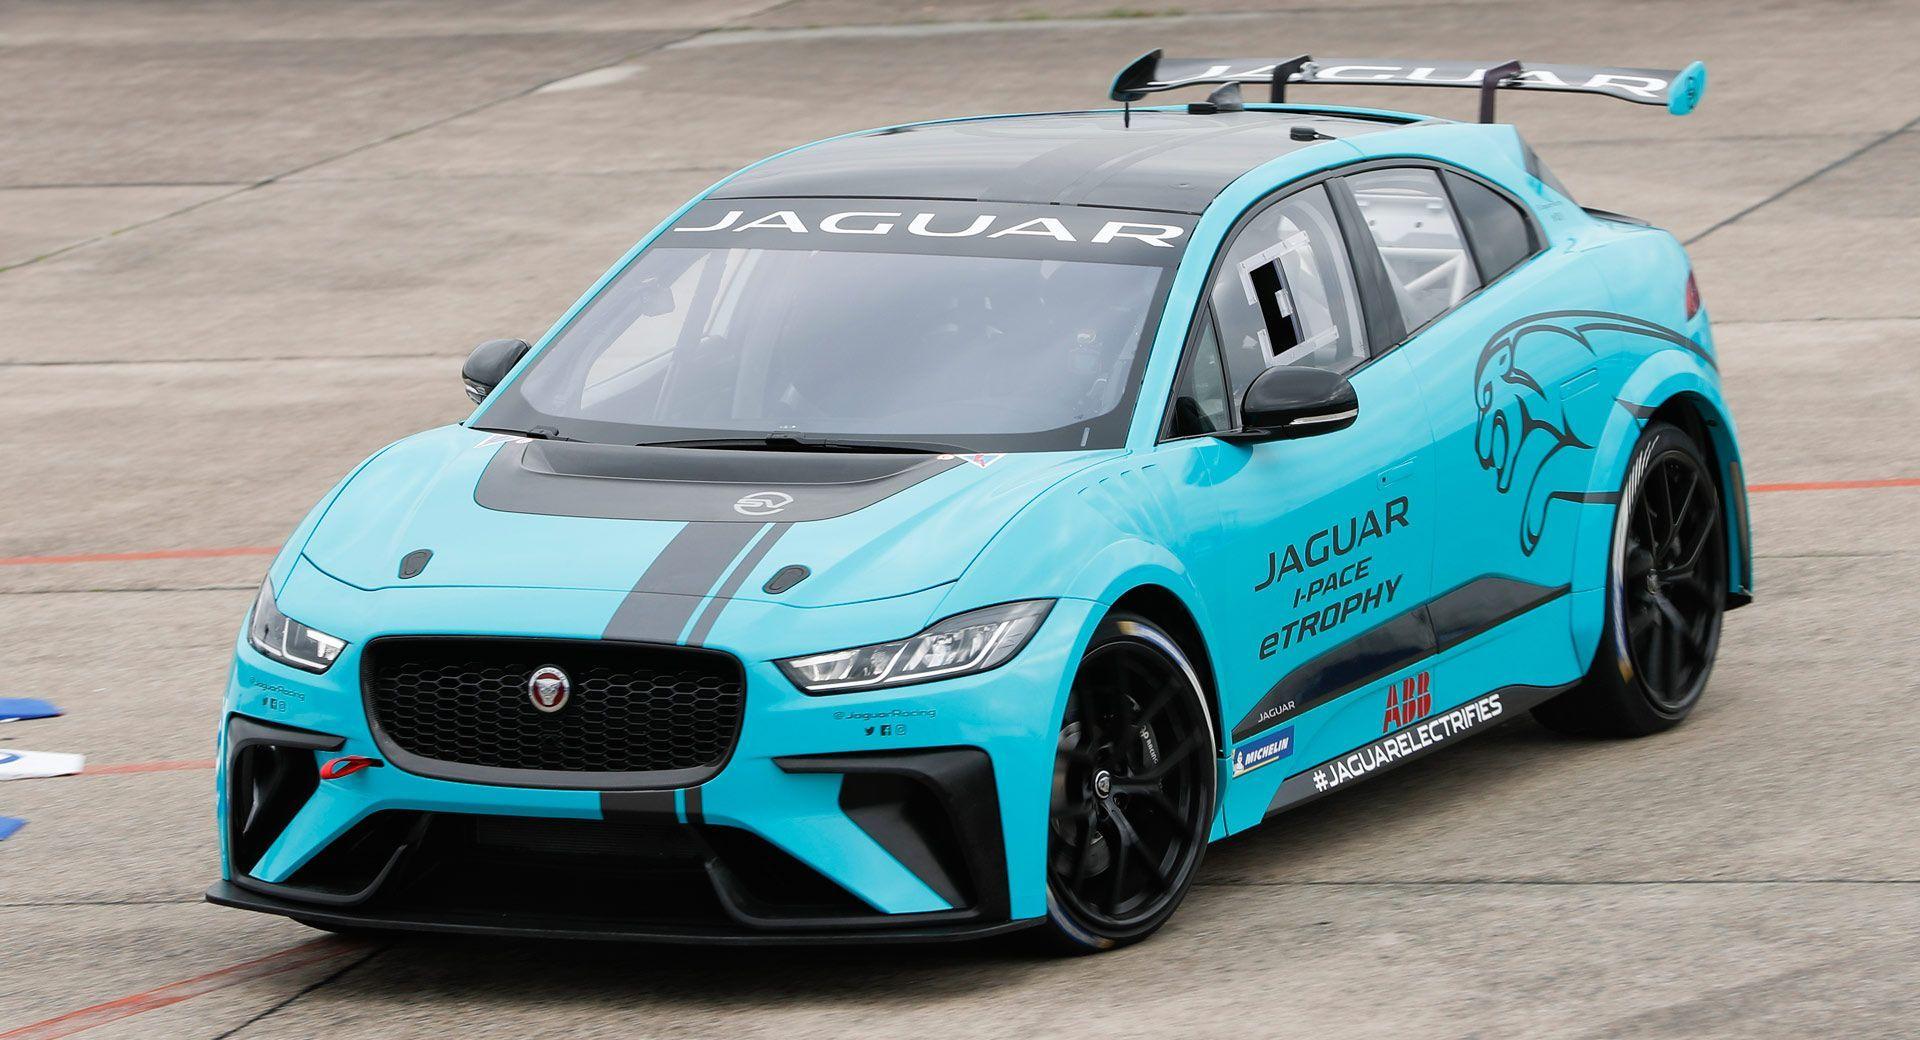 Jaguar I Pace Etrophy Racer Debuts On Track In Berlin Carscoops Jaguar I Pace My Pace Jaguar